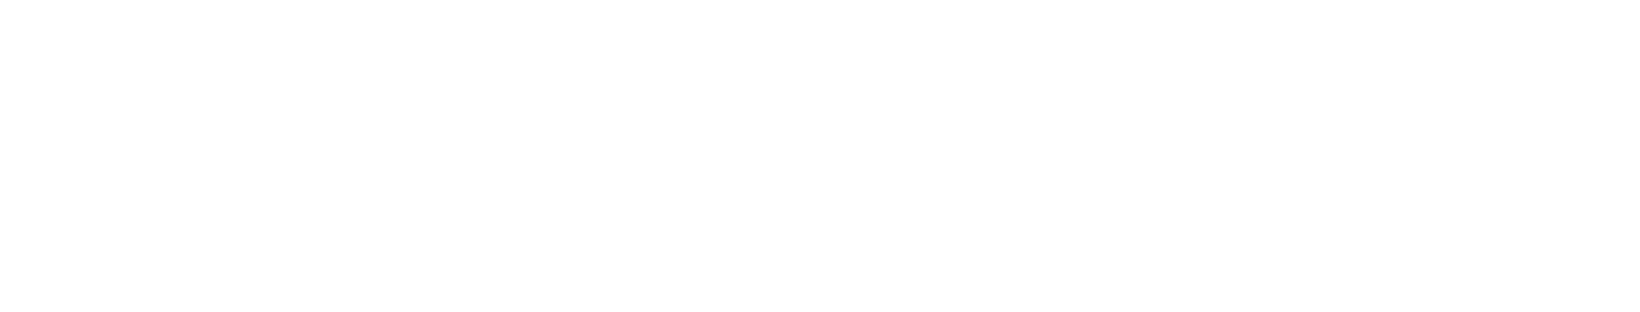 Limitless_White_logo.png